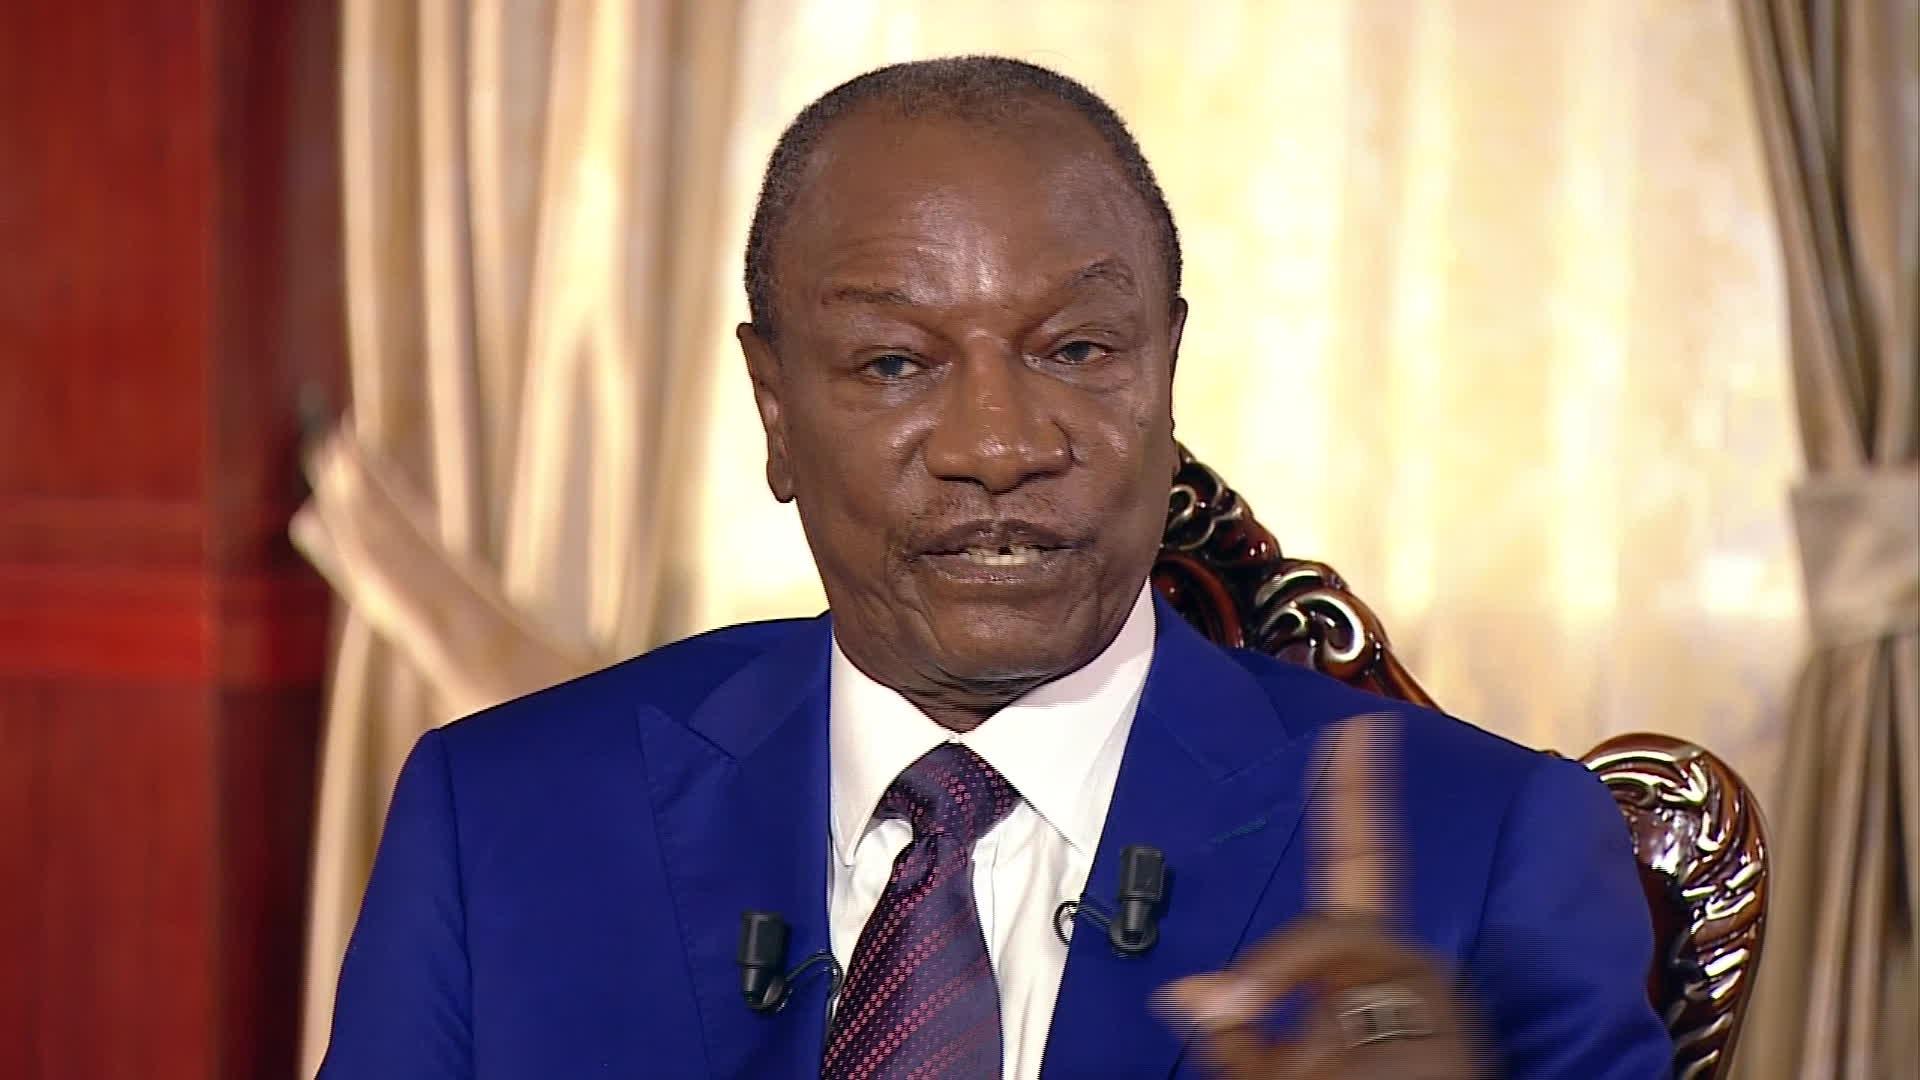 Législatives du 16 février en Guinée-Conakry : Un agenda qui n'arrange pas «le 3e mandat» d'Alpha